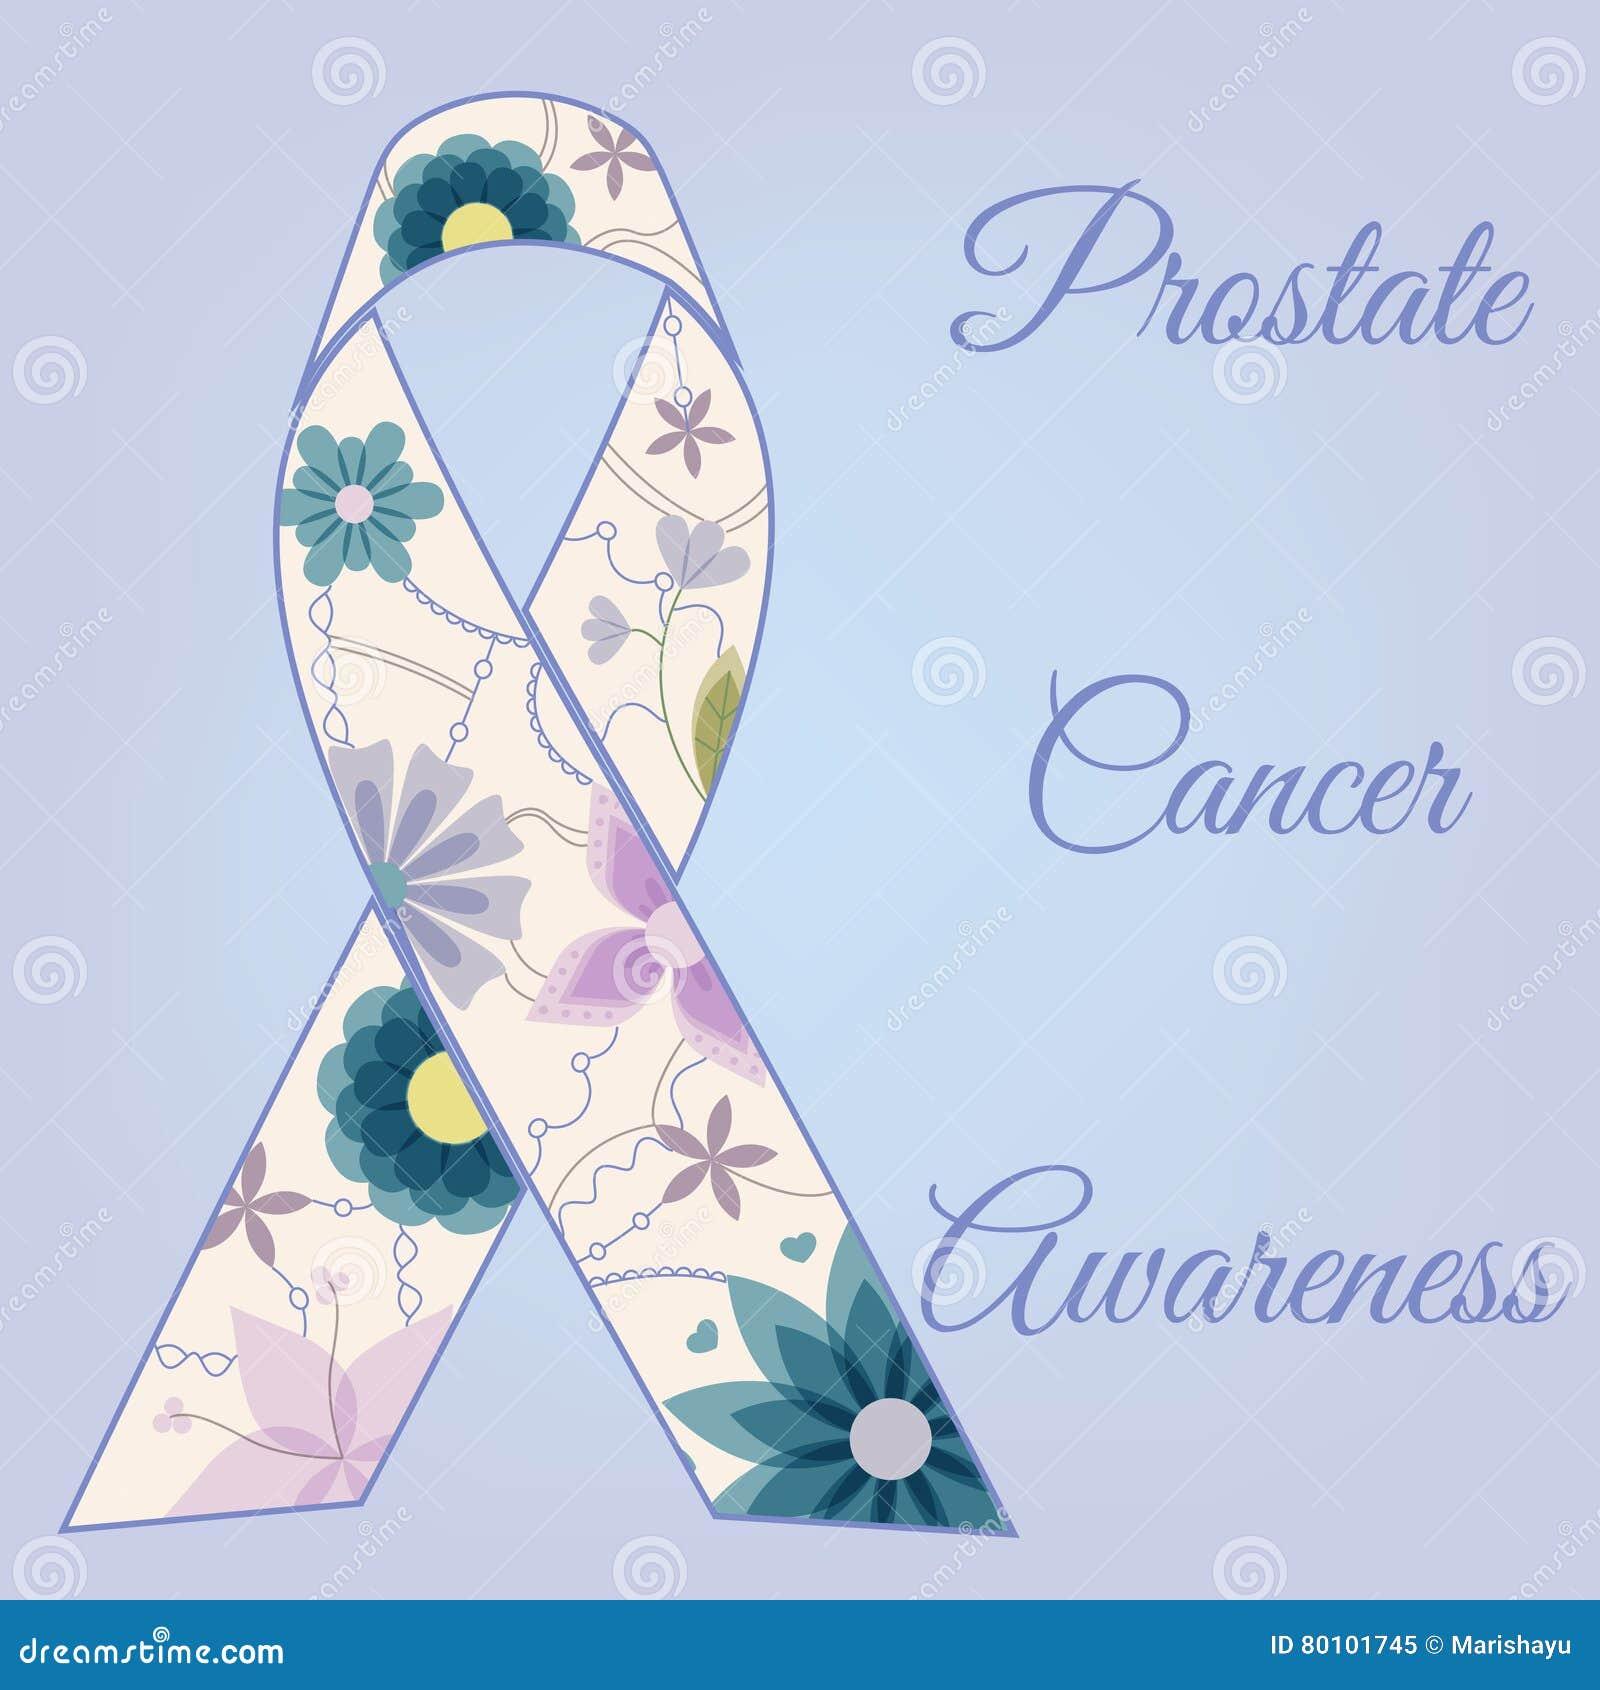 Vintage do fundo da conscientização do câncer da próstata